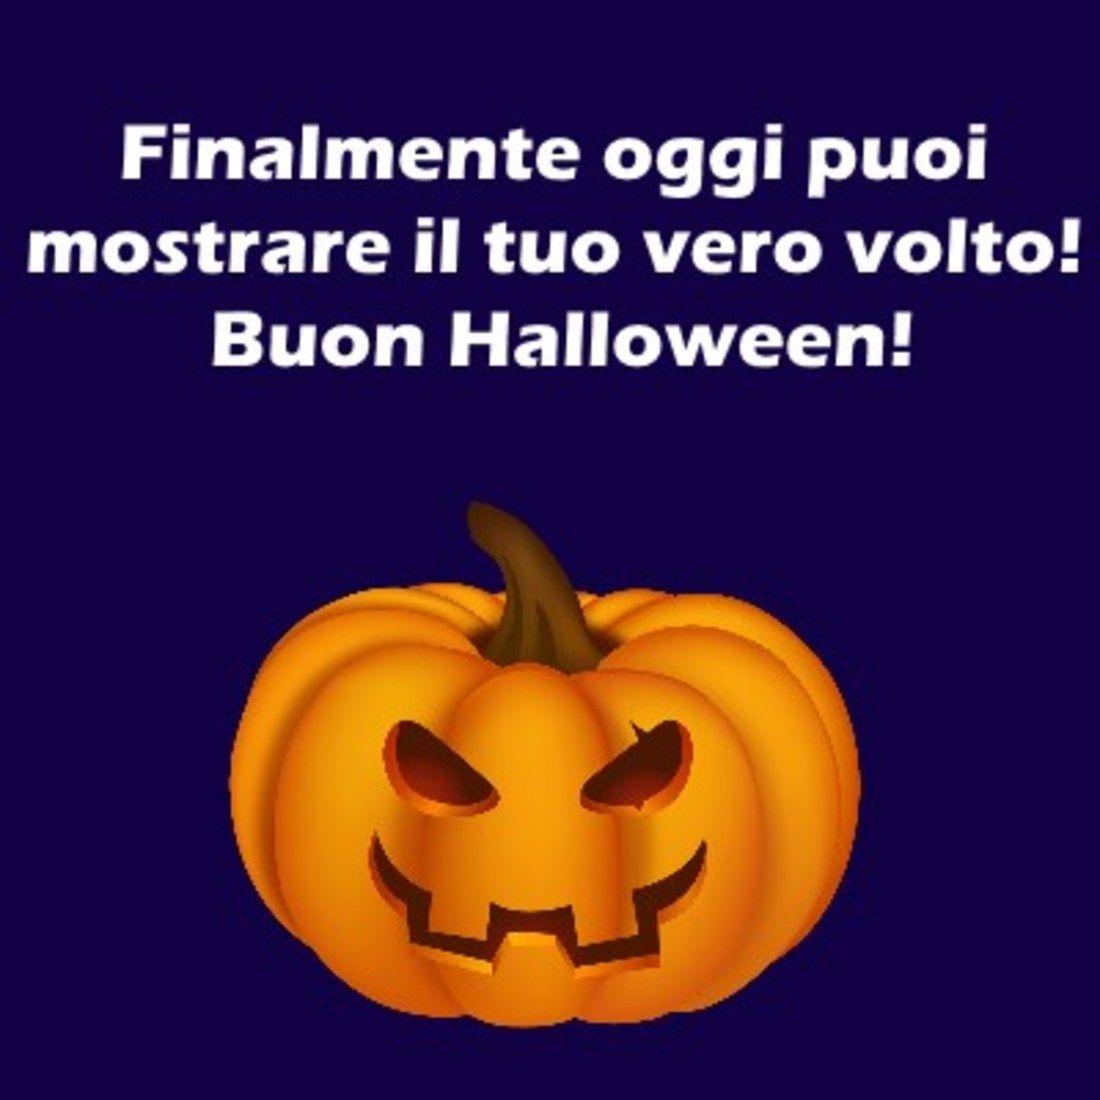 Buona Festa Di Halloween.47 Idee Su Buon Halloween Immagini Buon Halloween Halloween Immagini